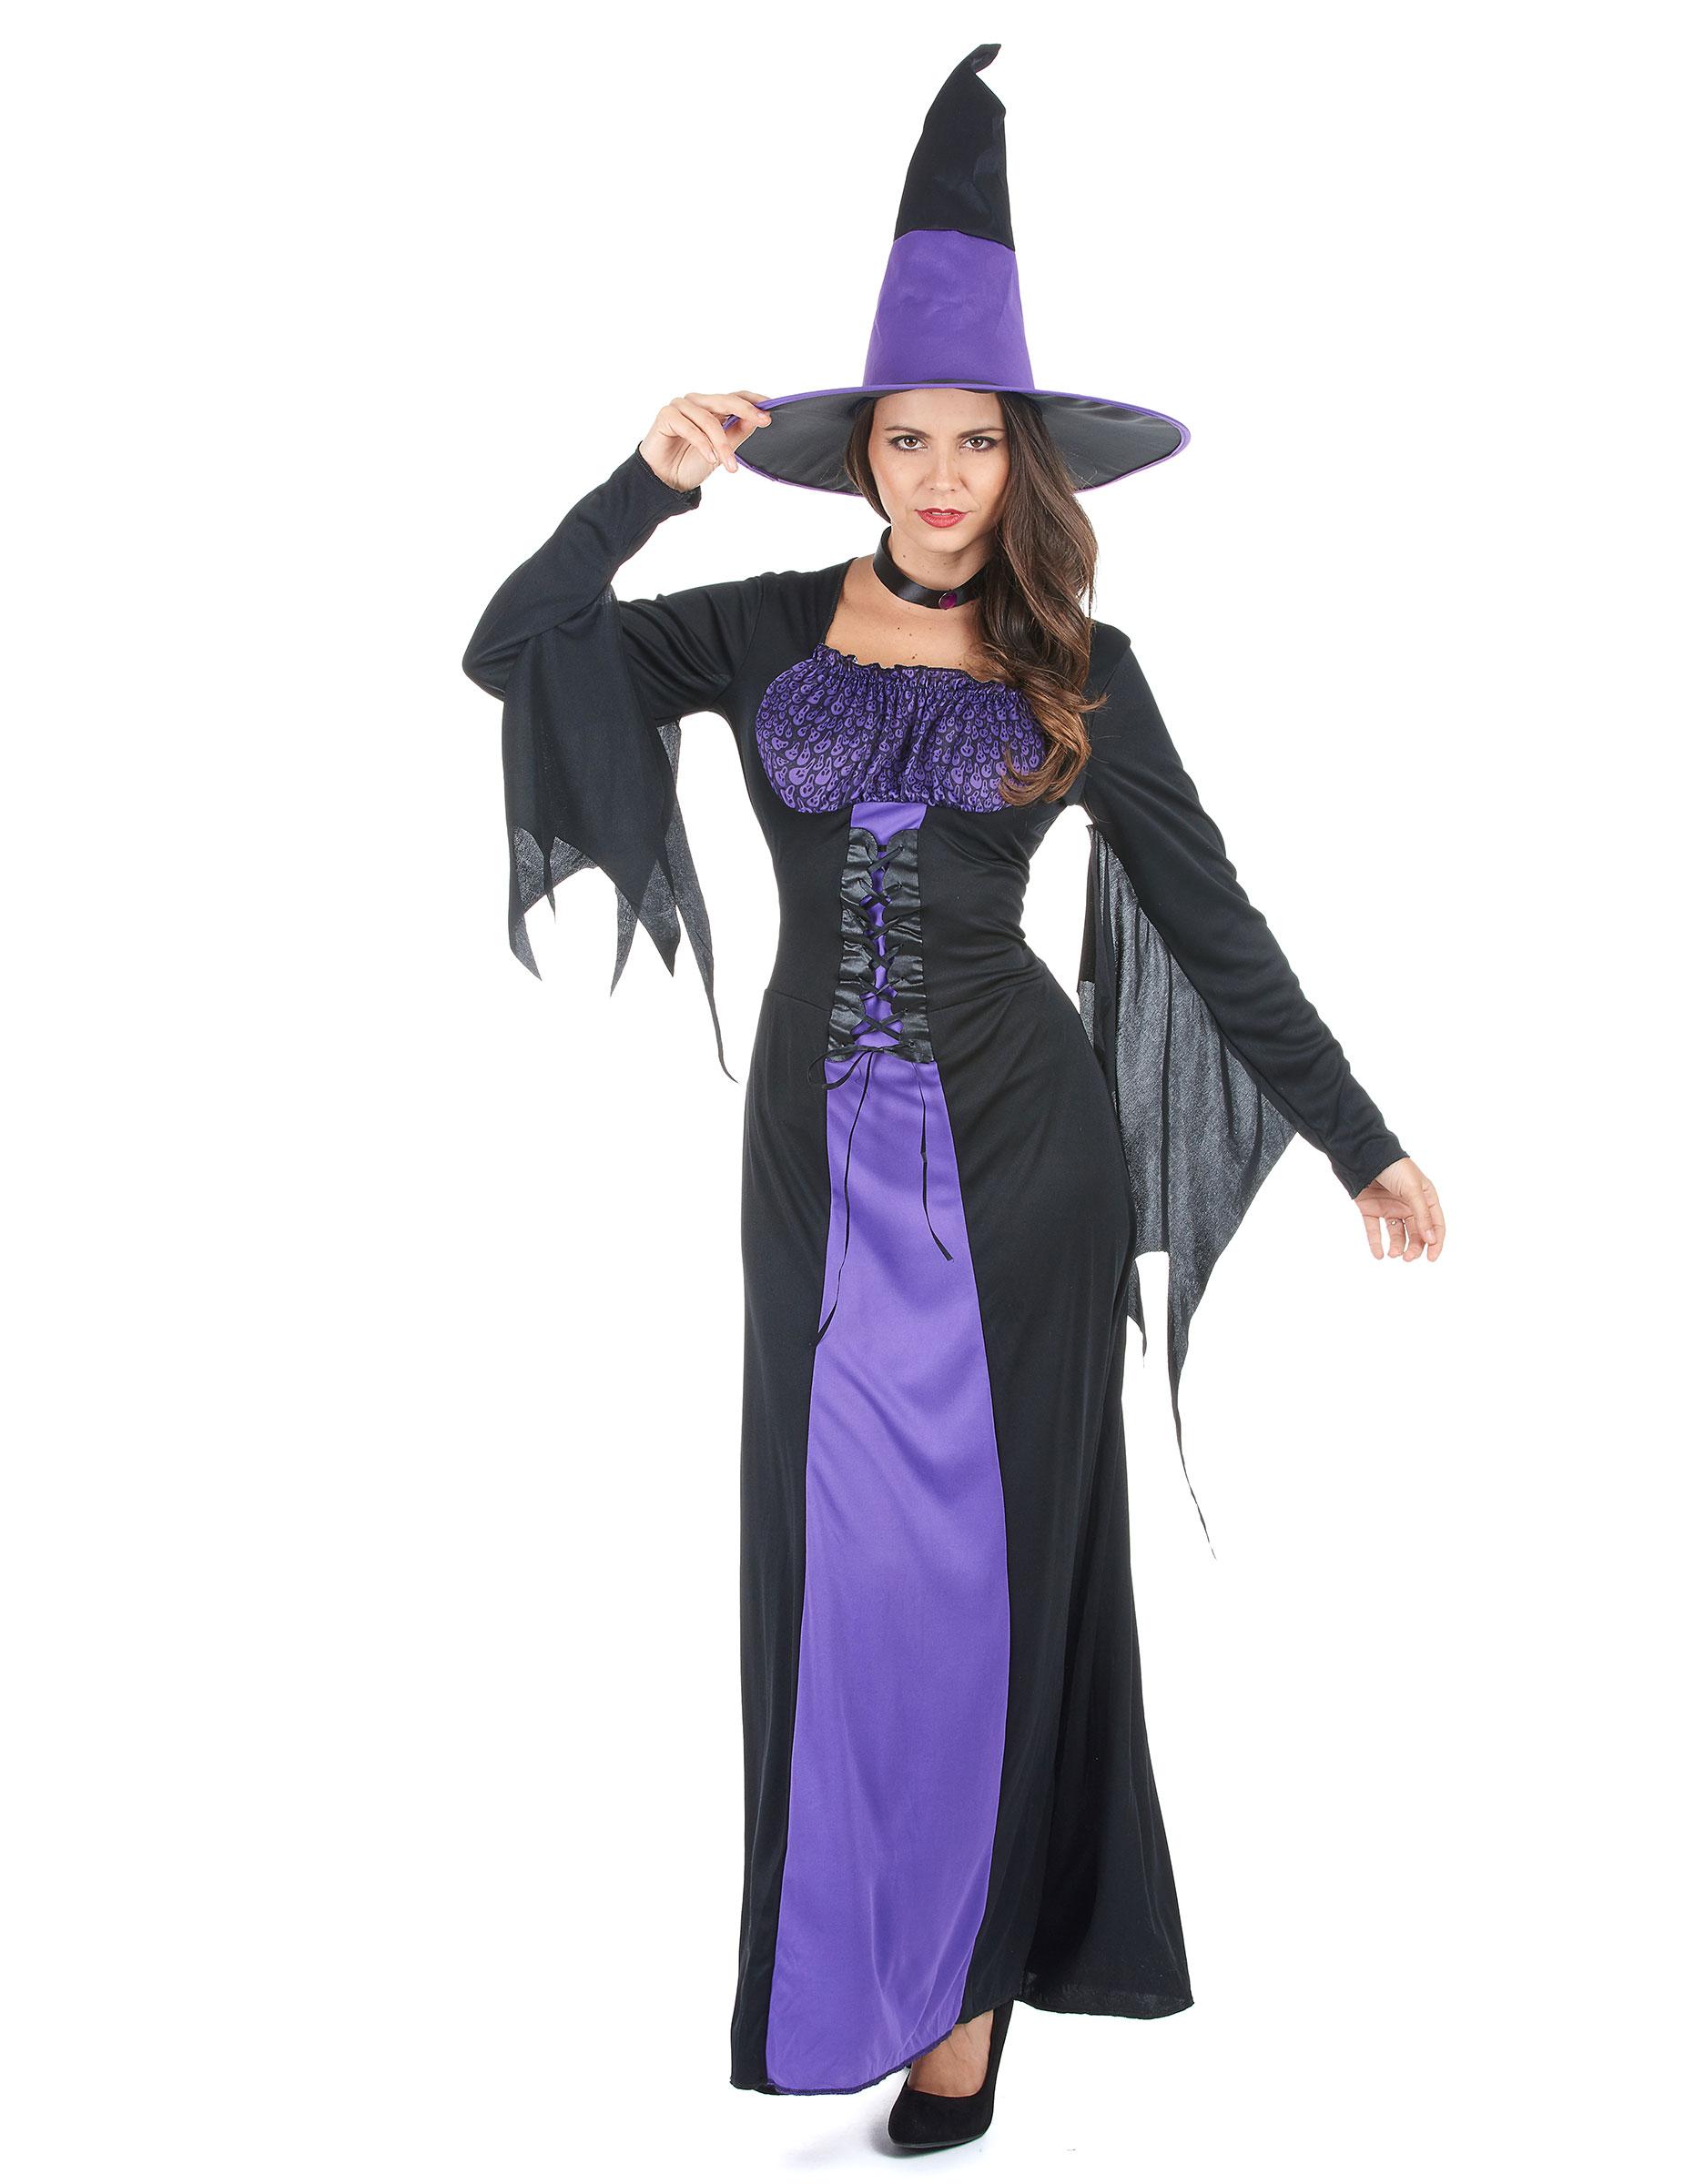 Costume de sorci re avec chapeau pointu pour halloween - Deguisetoi fr halloween ...